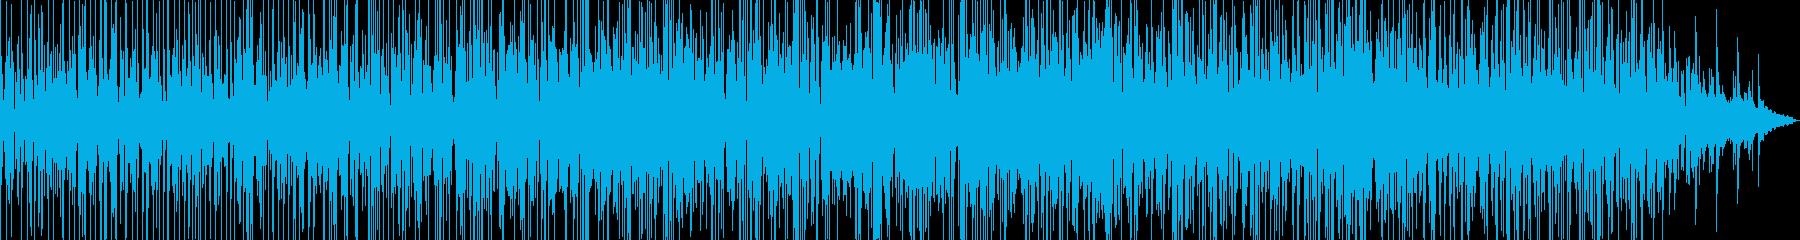 Rhodesによるジャズファンクの再生済みの波形